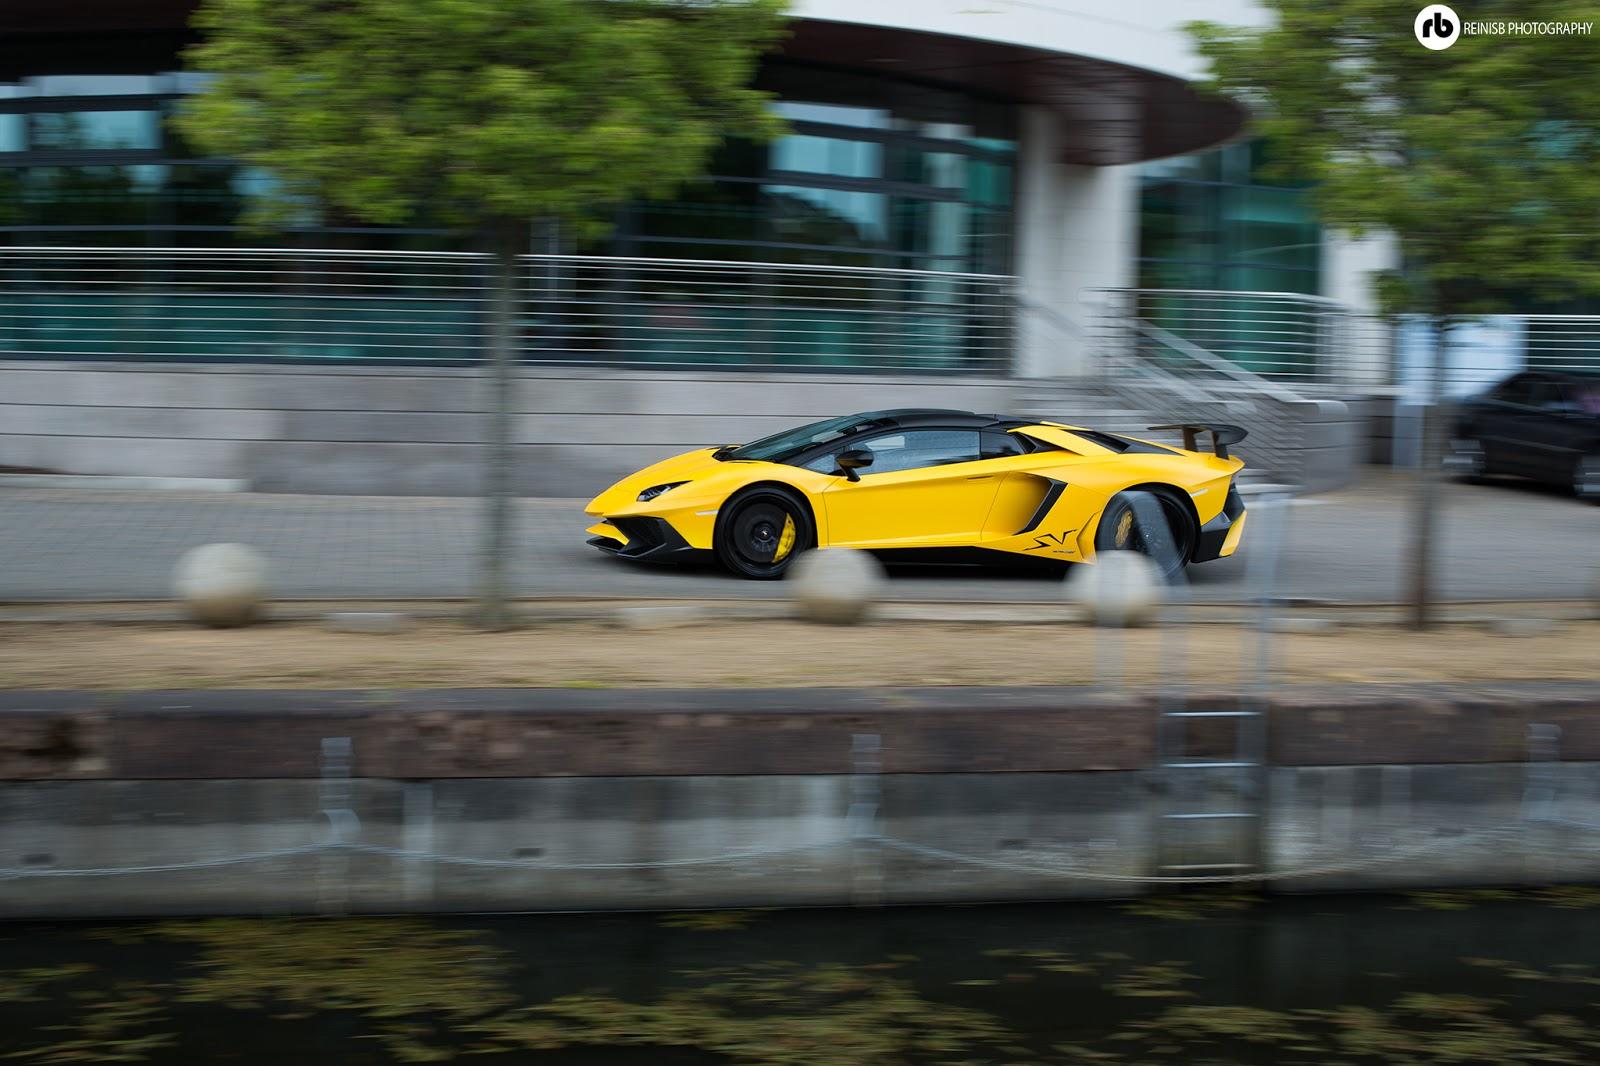 Reinis Babrovskis Photography All Italian Car Show - Italian car show